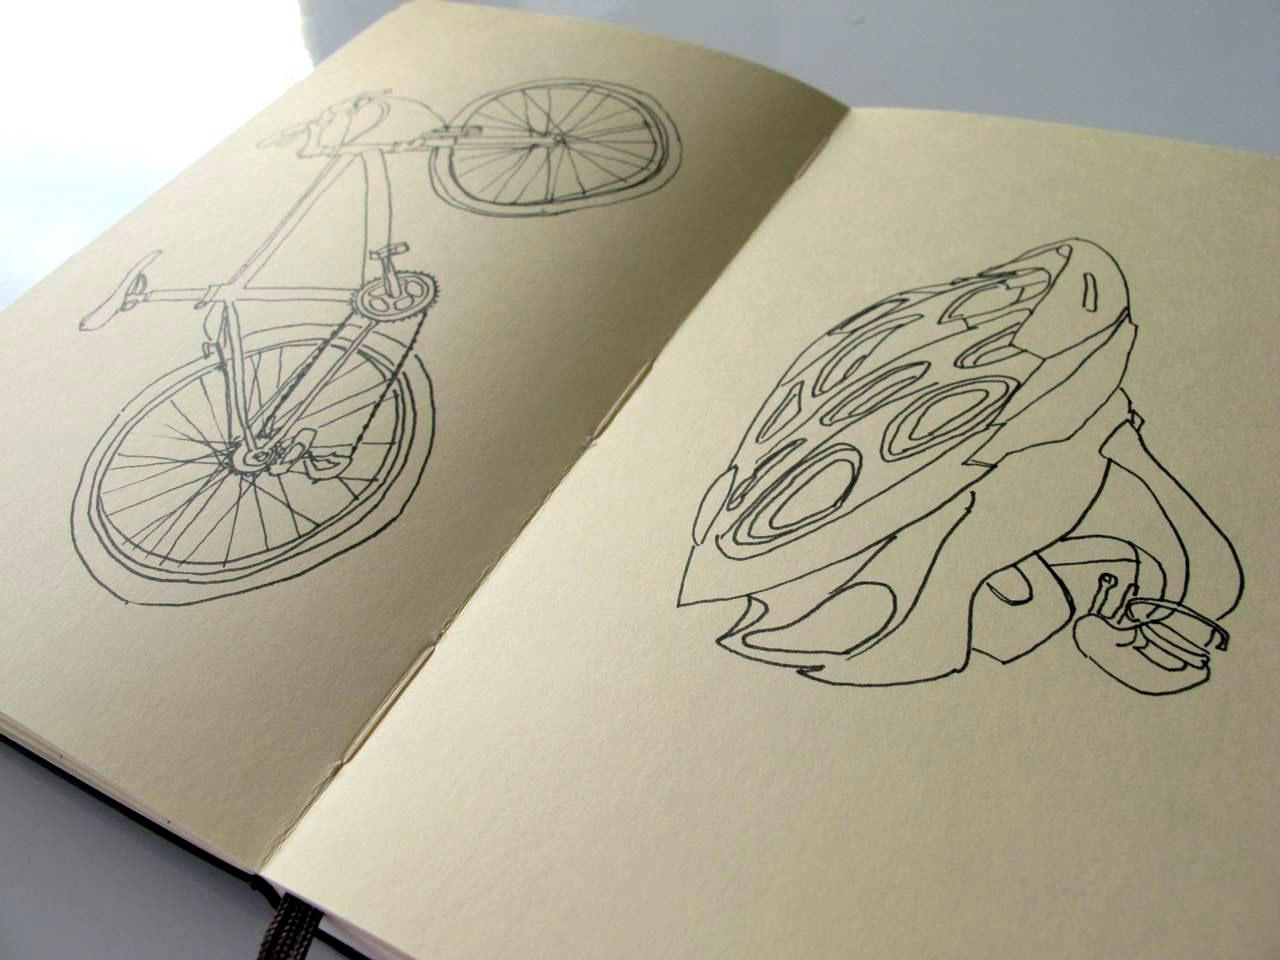 01. sketching